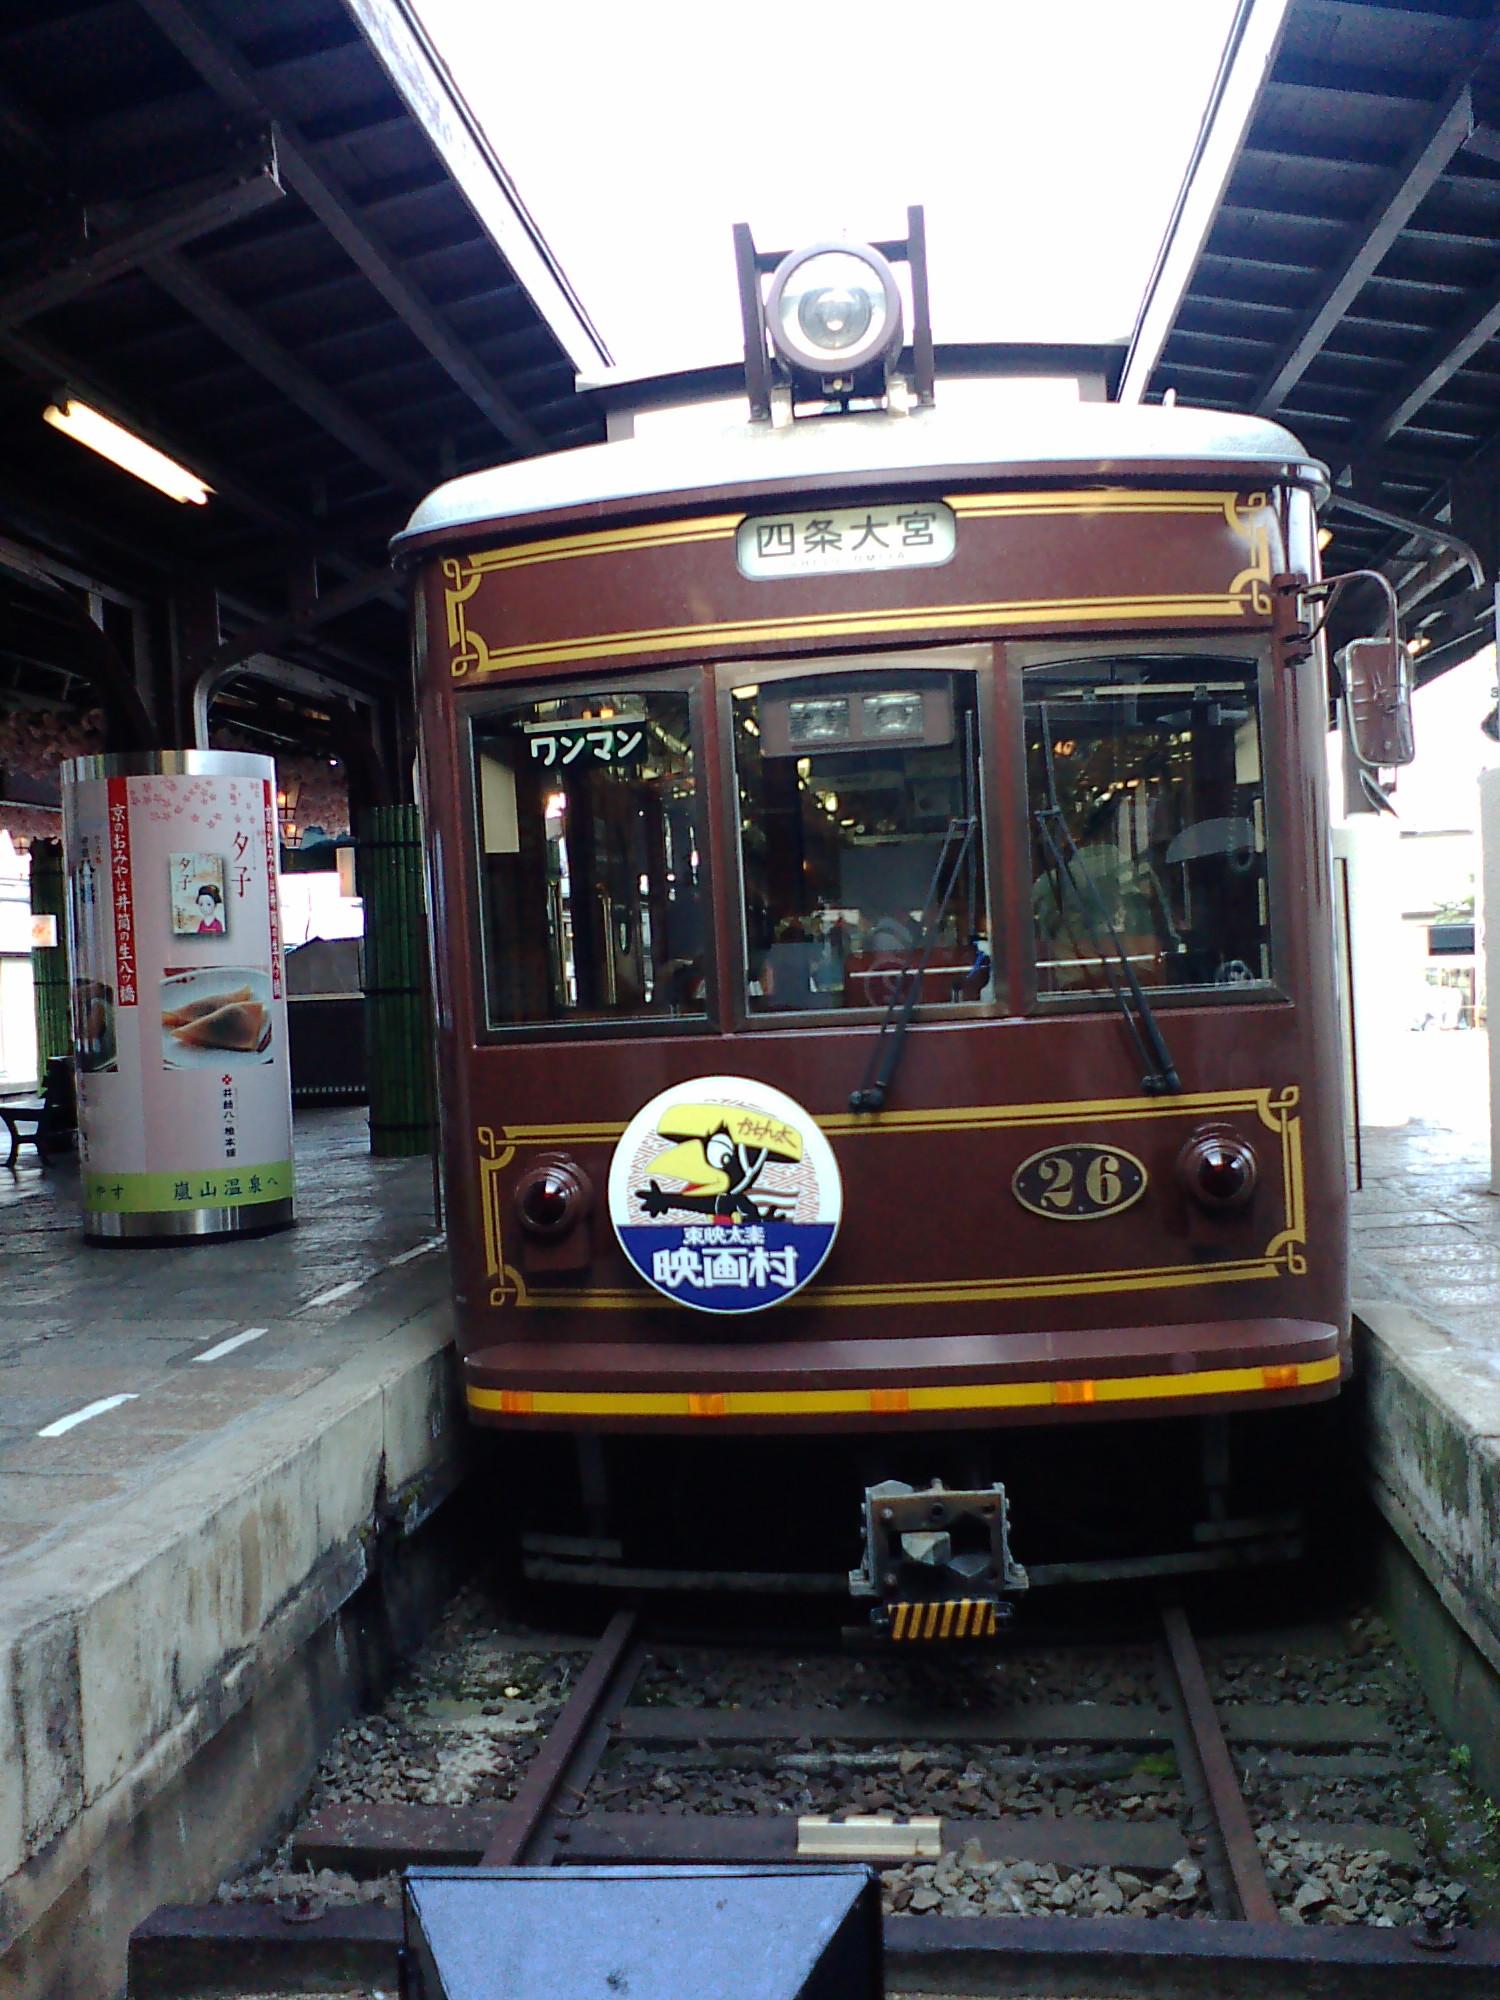 京都乗り物シリーズ